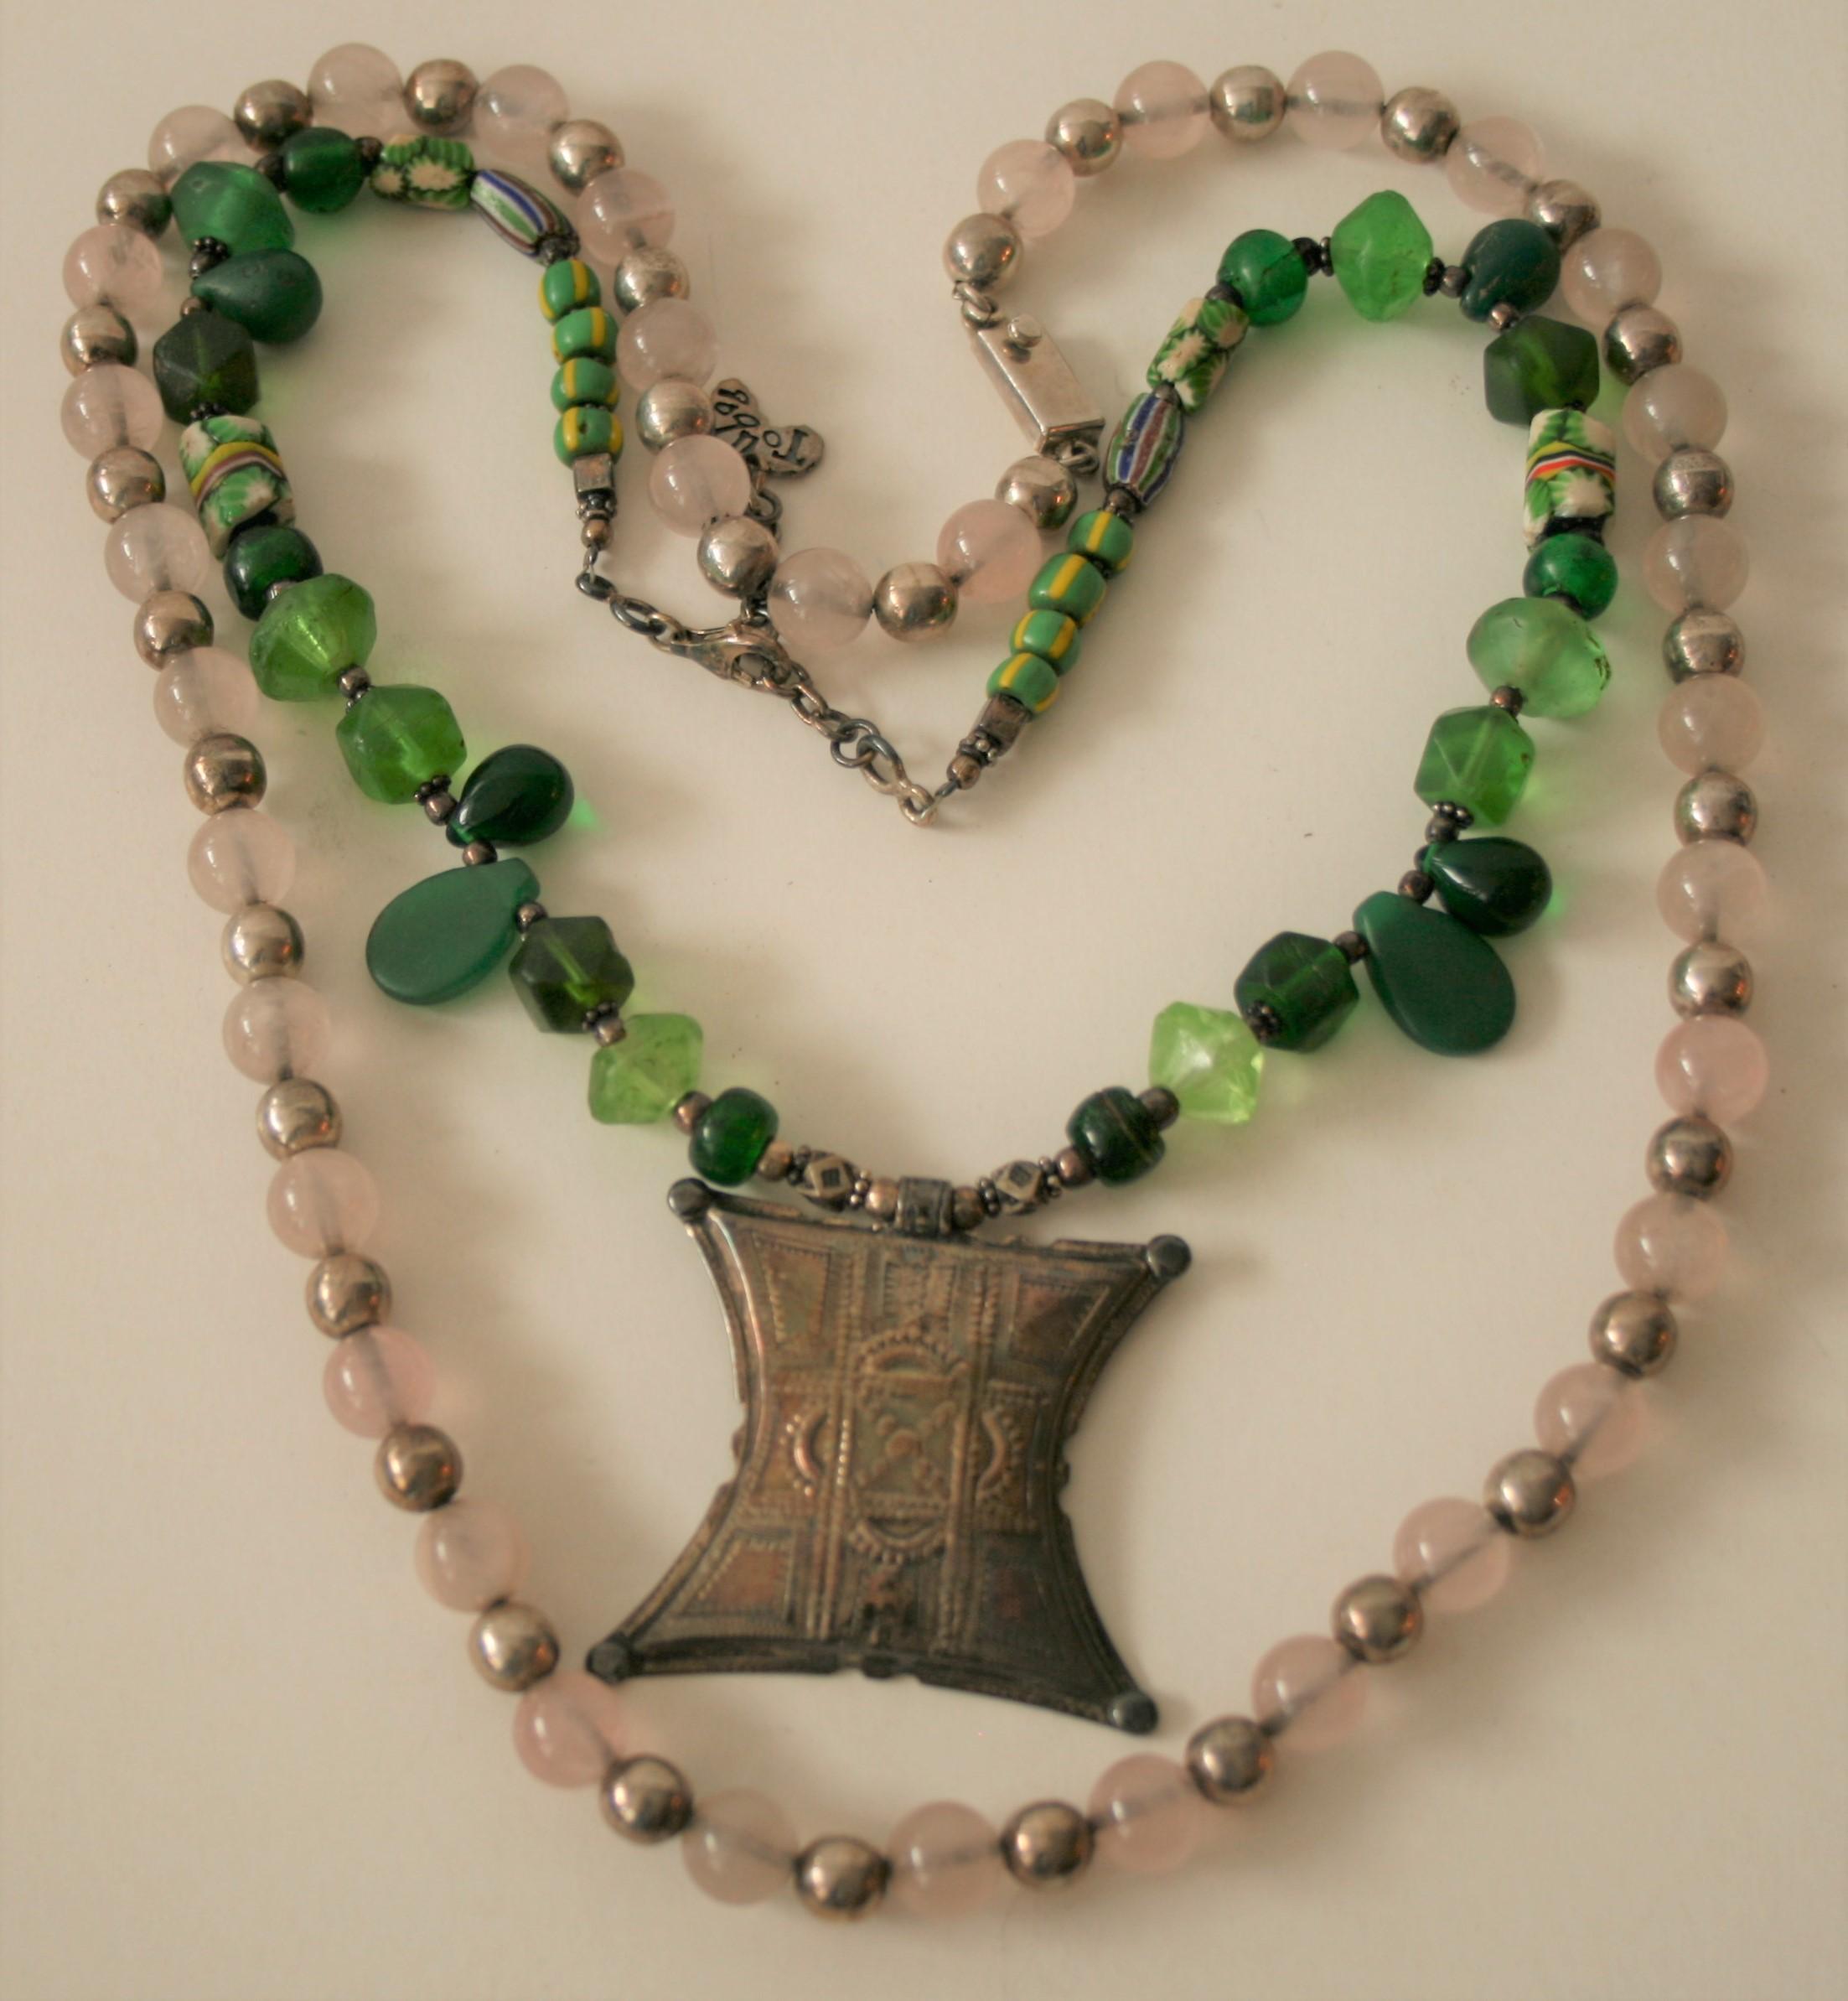 Collier en argent, perles de verre rosacées, artisanat mexicain - Longueur : 60 cm + [...]